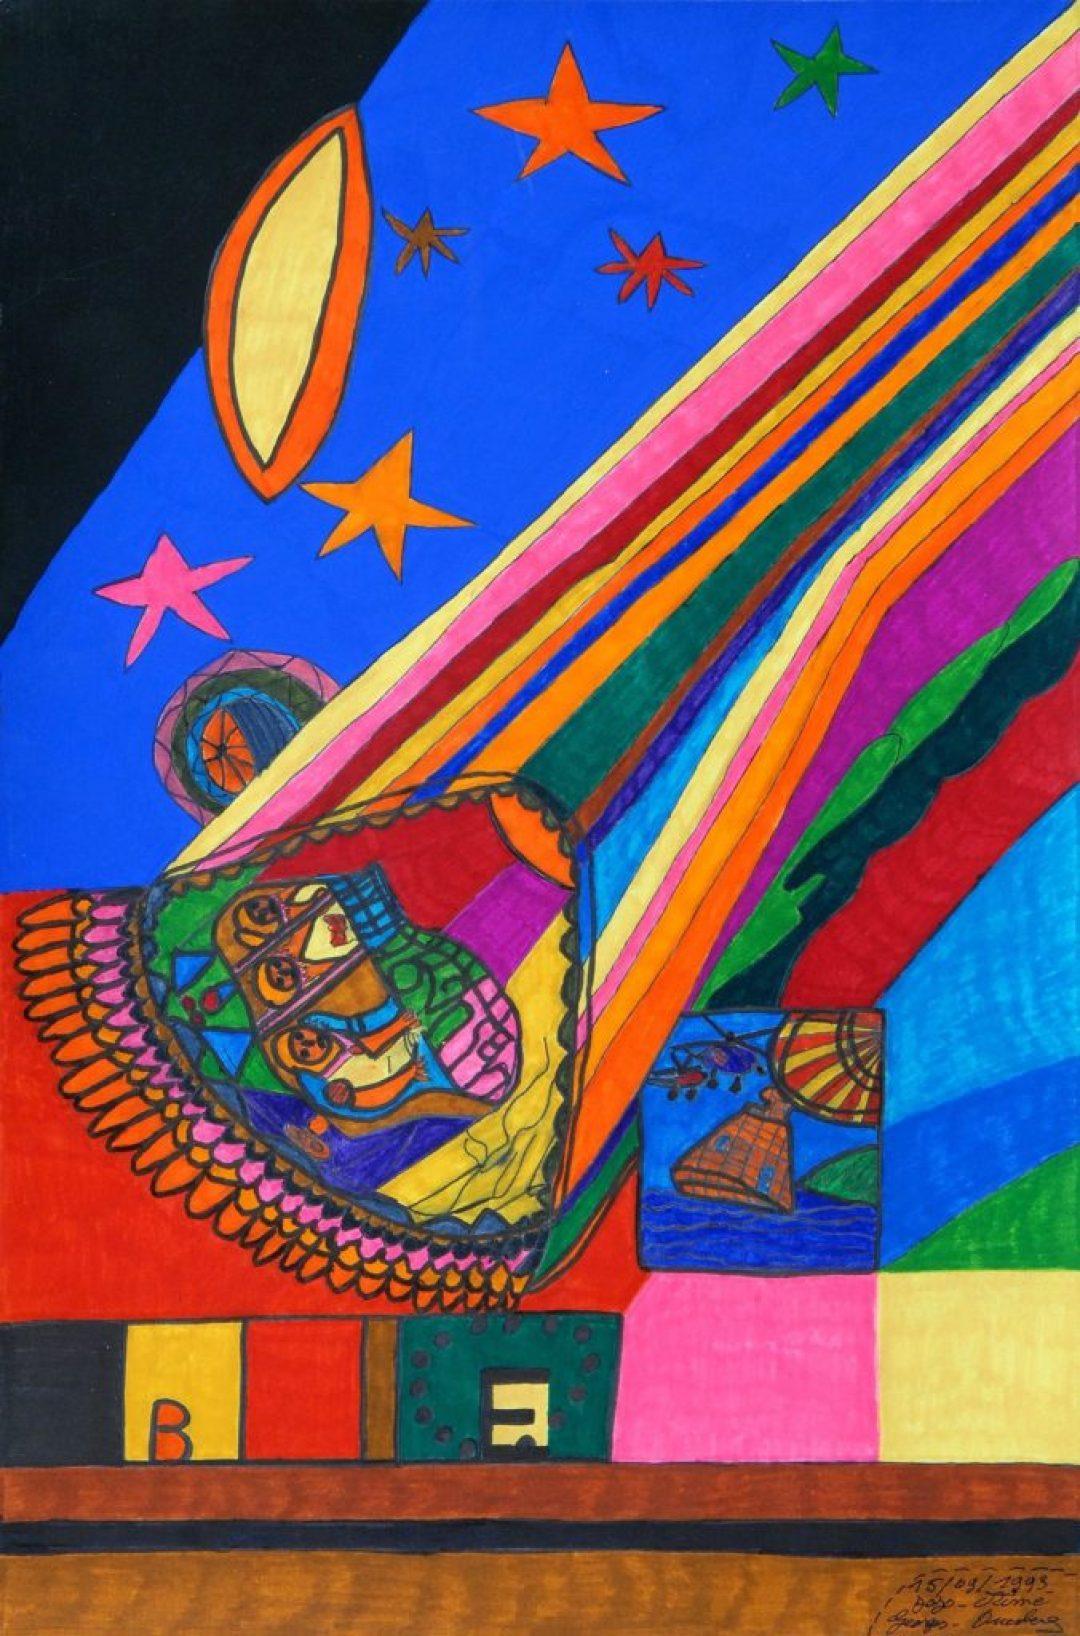 Georges Duesberg (Jojo Aimé), sans titre, 1993, gouache sur papier, 55 x 36,5 cm